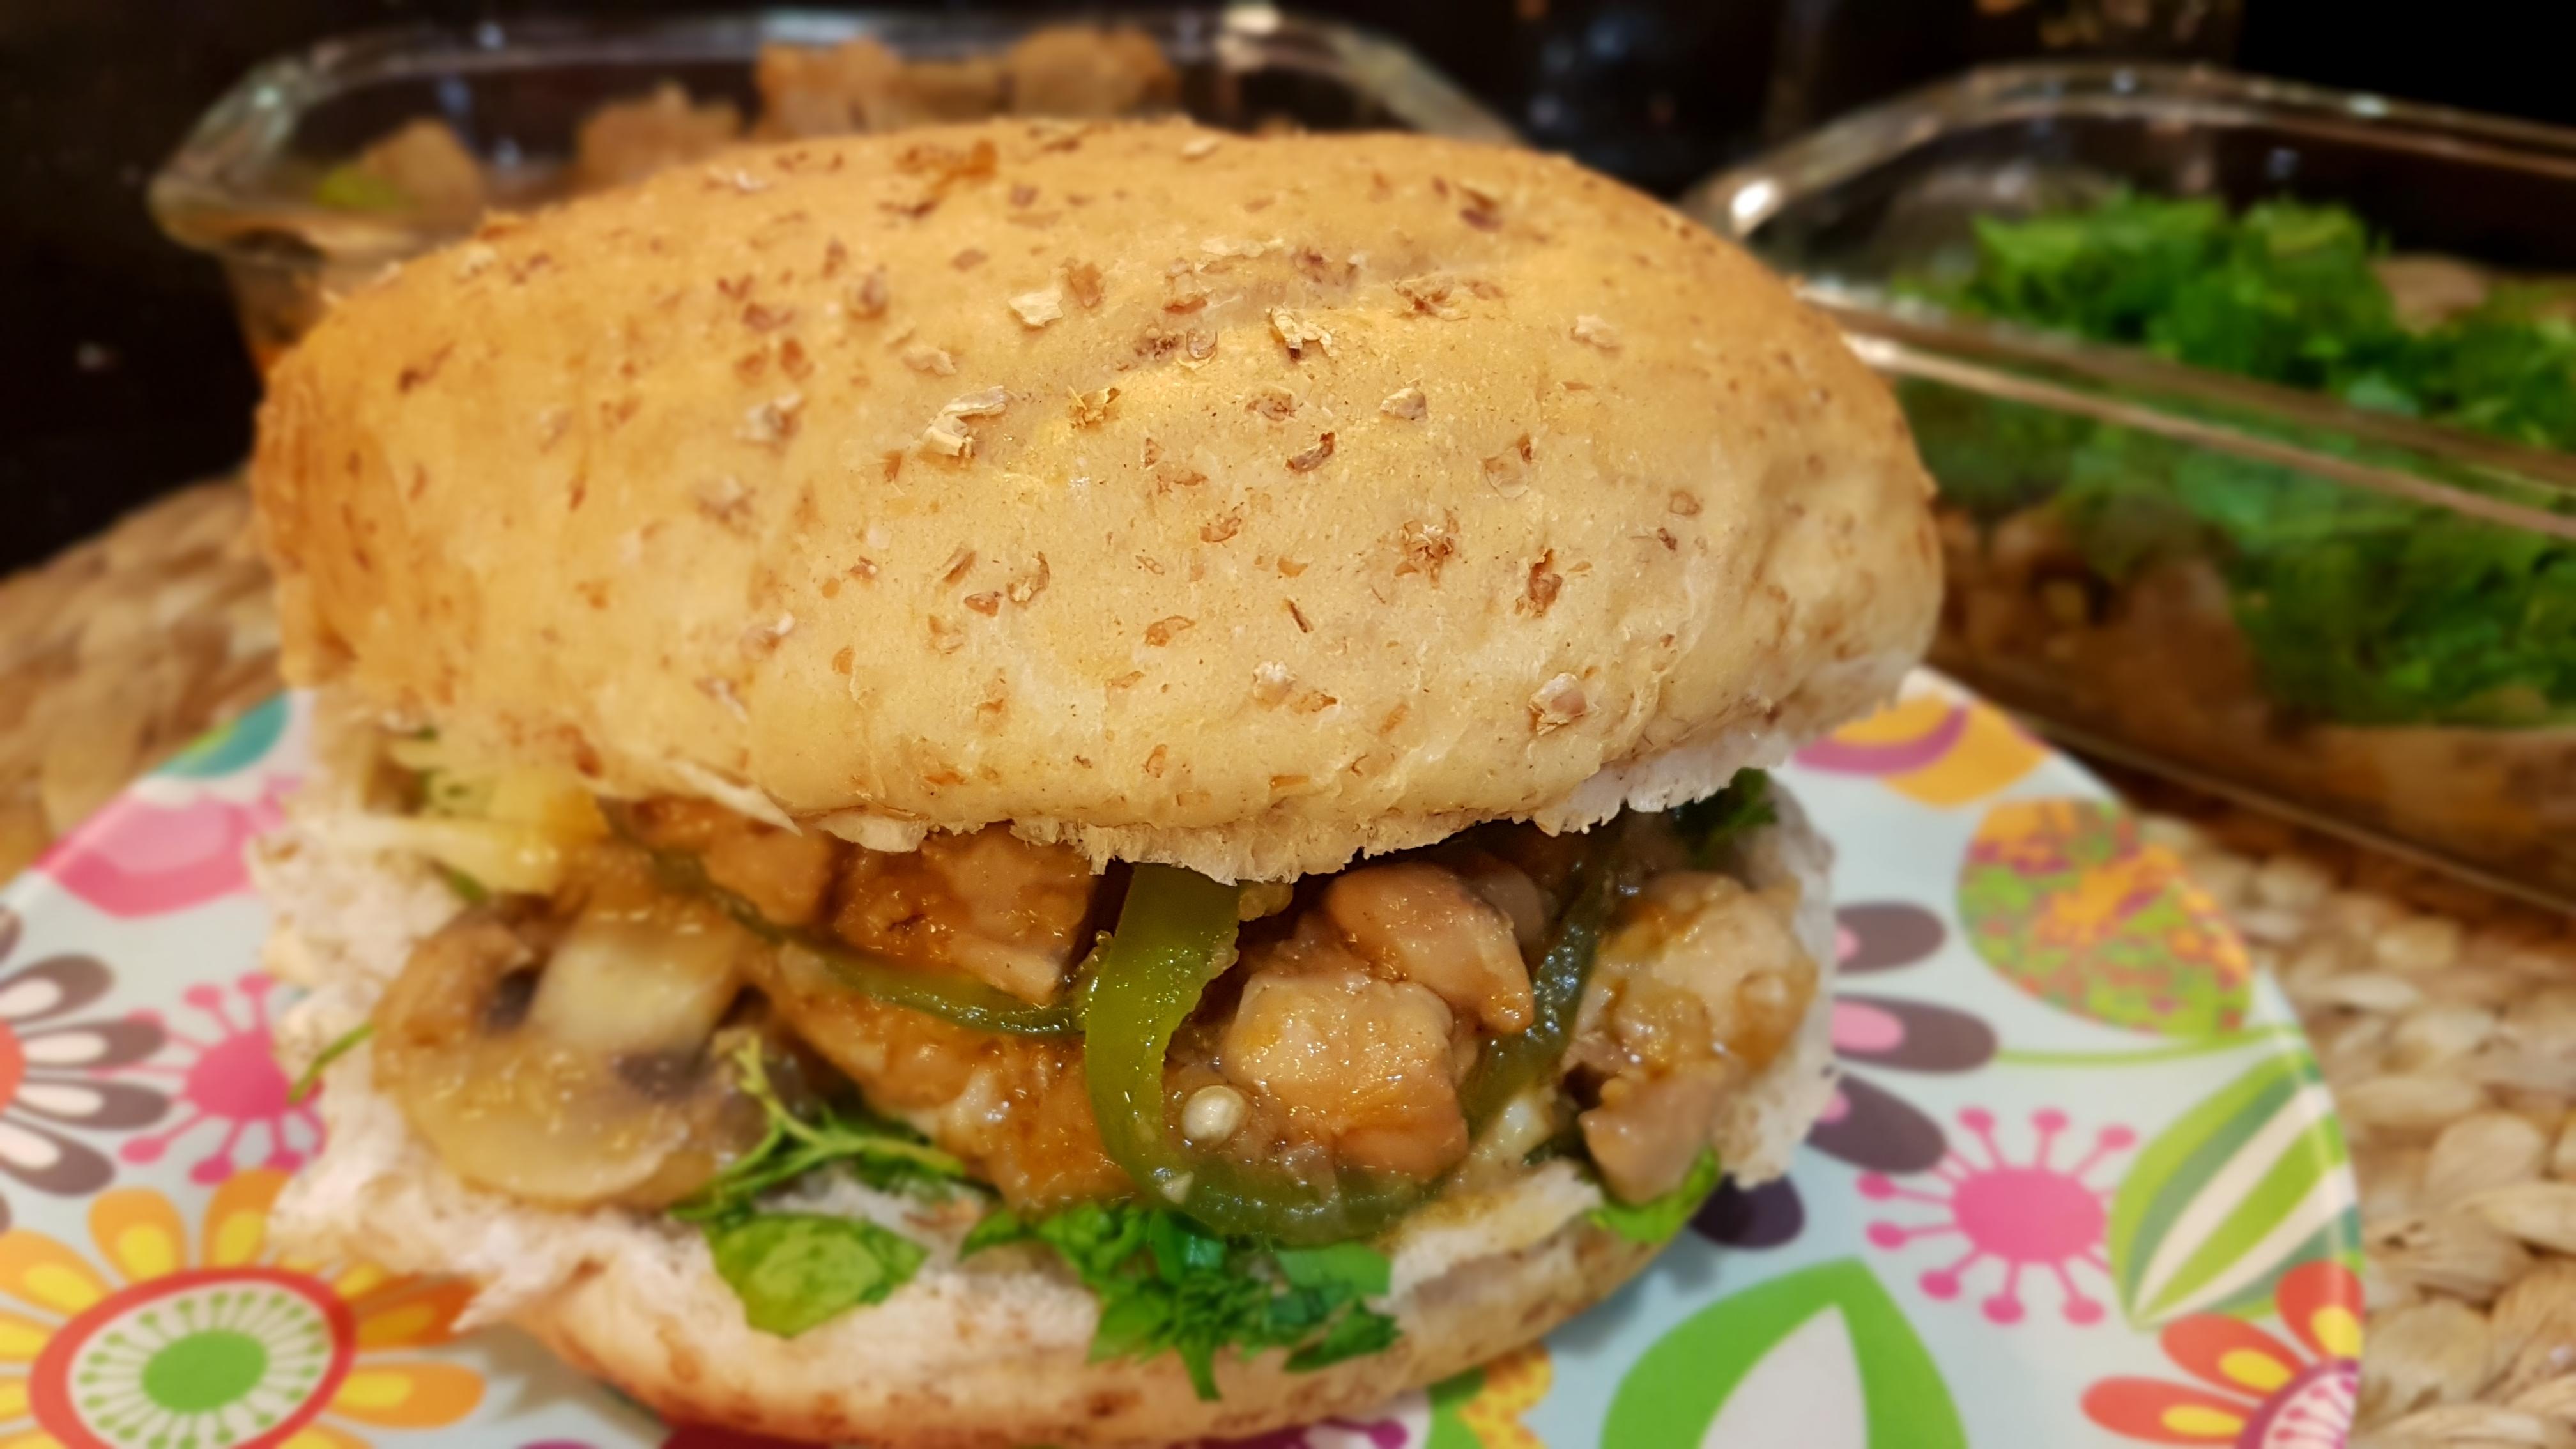 Chicken Garlic sandwich